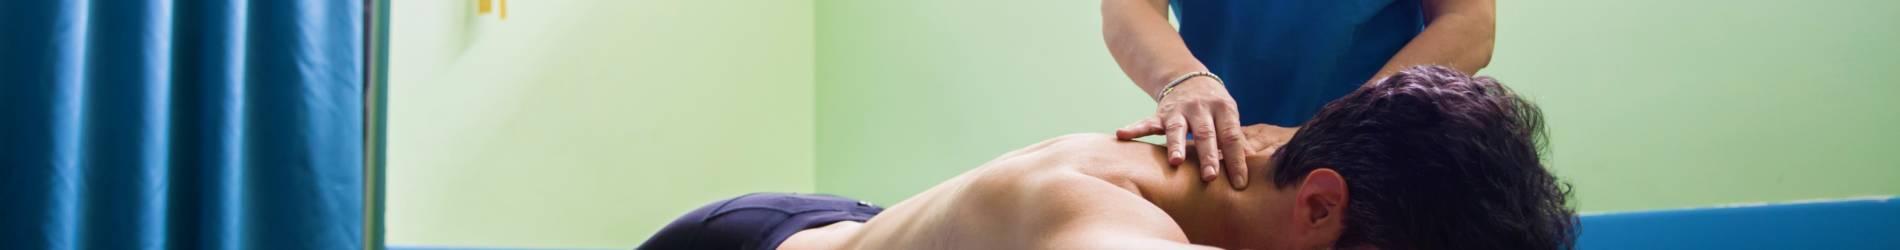 Fisioterapia Manuale